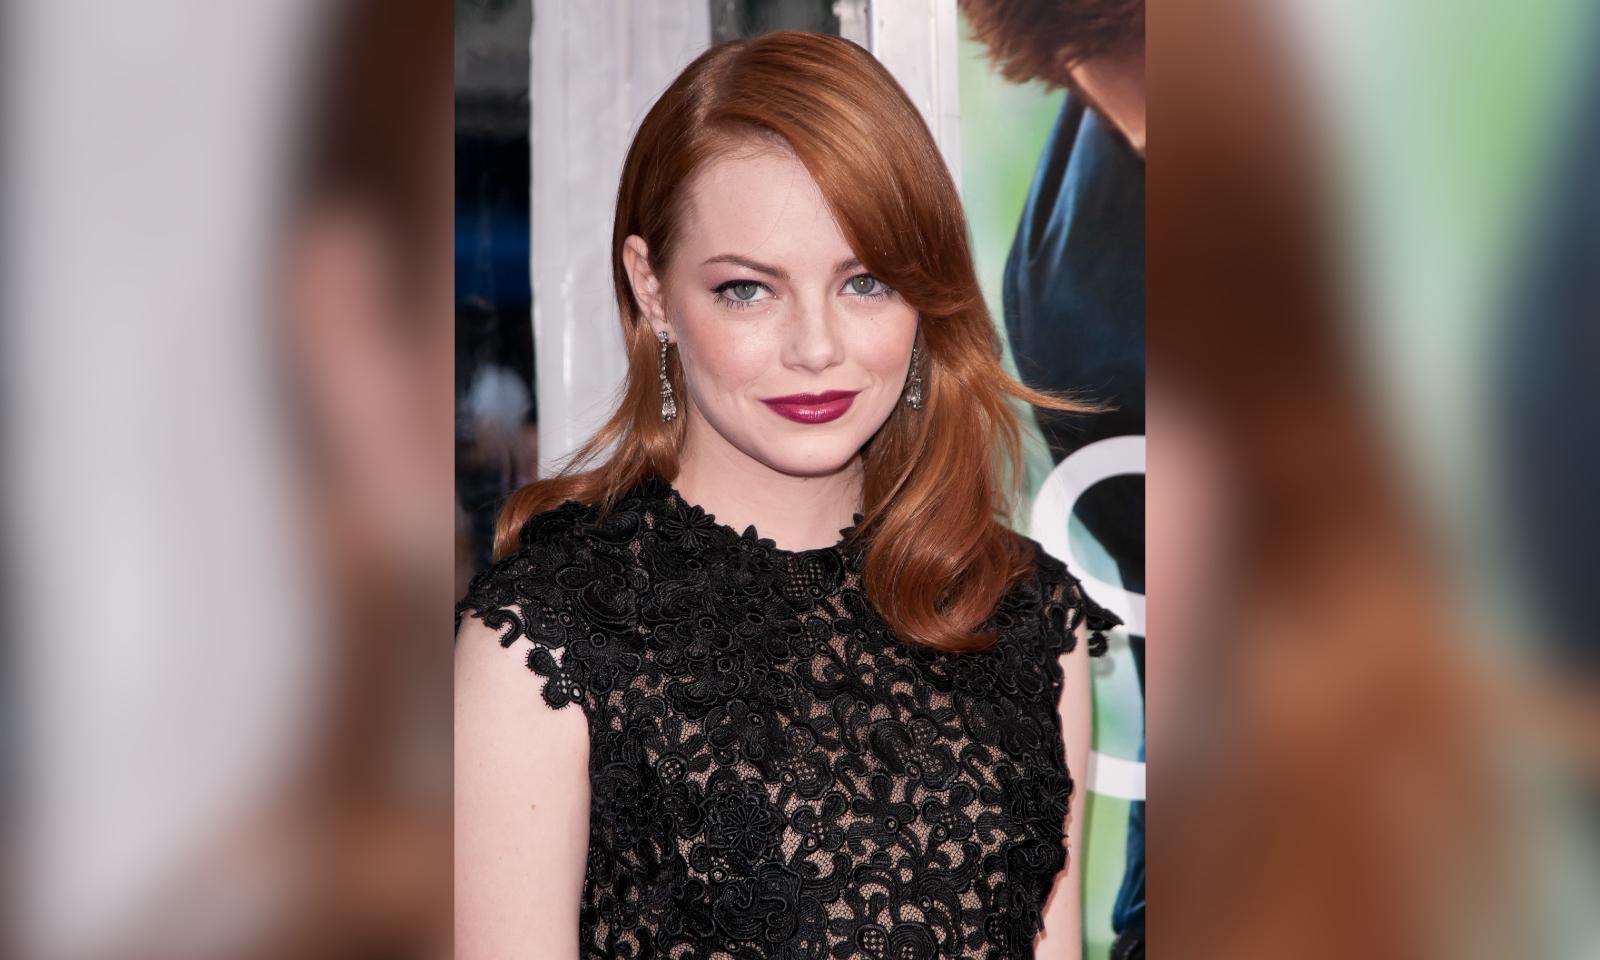 Emma Stone Injures Shoulder After 'Slipping On A Floor' — unCrazed